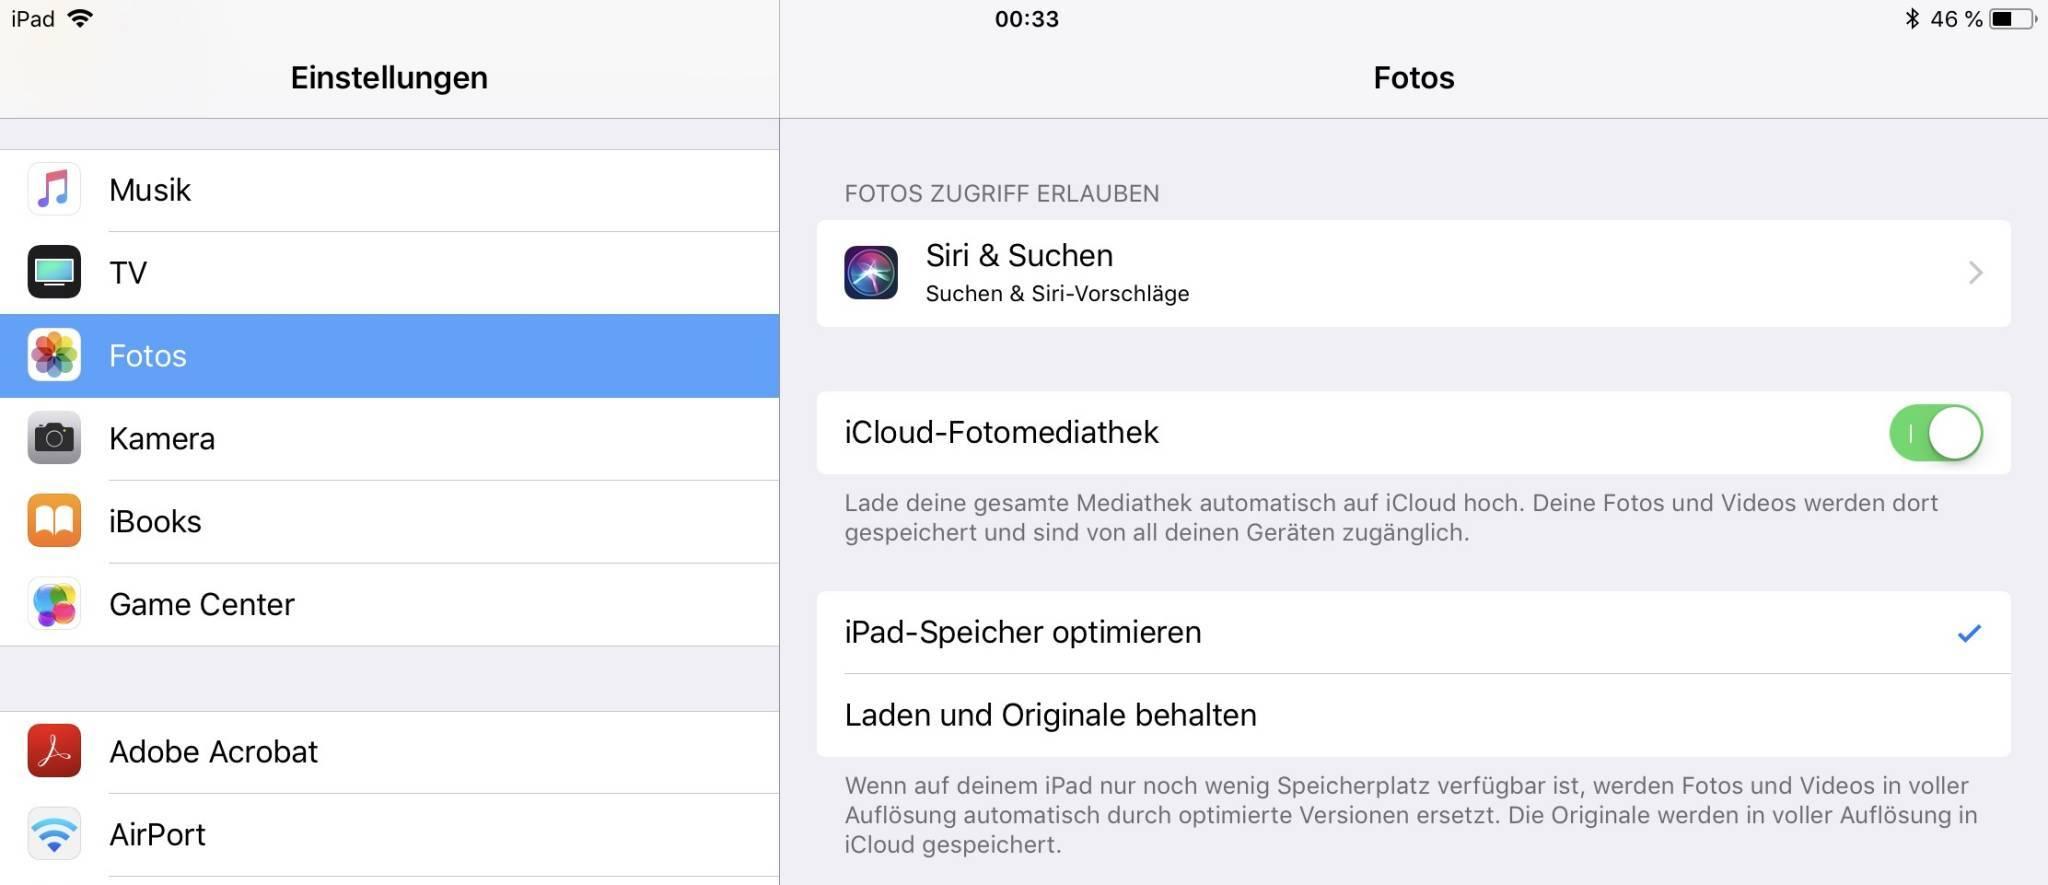 Das geht natürlich auch unter iOS.